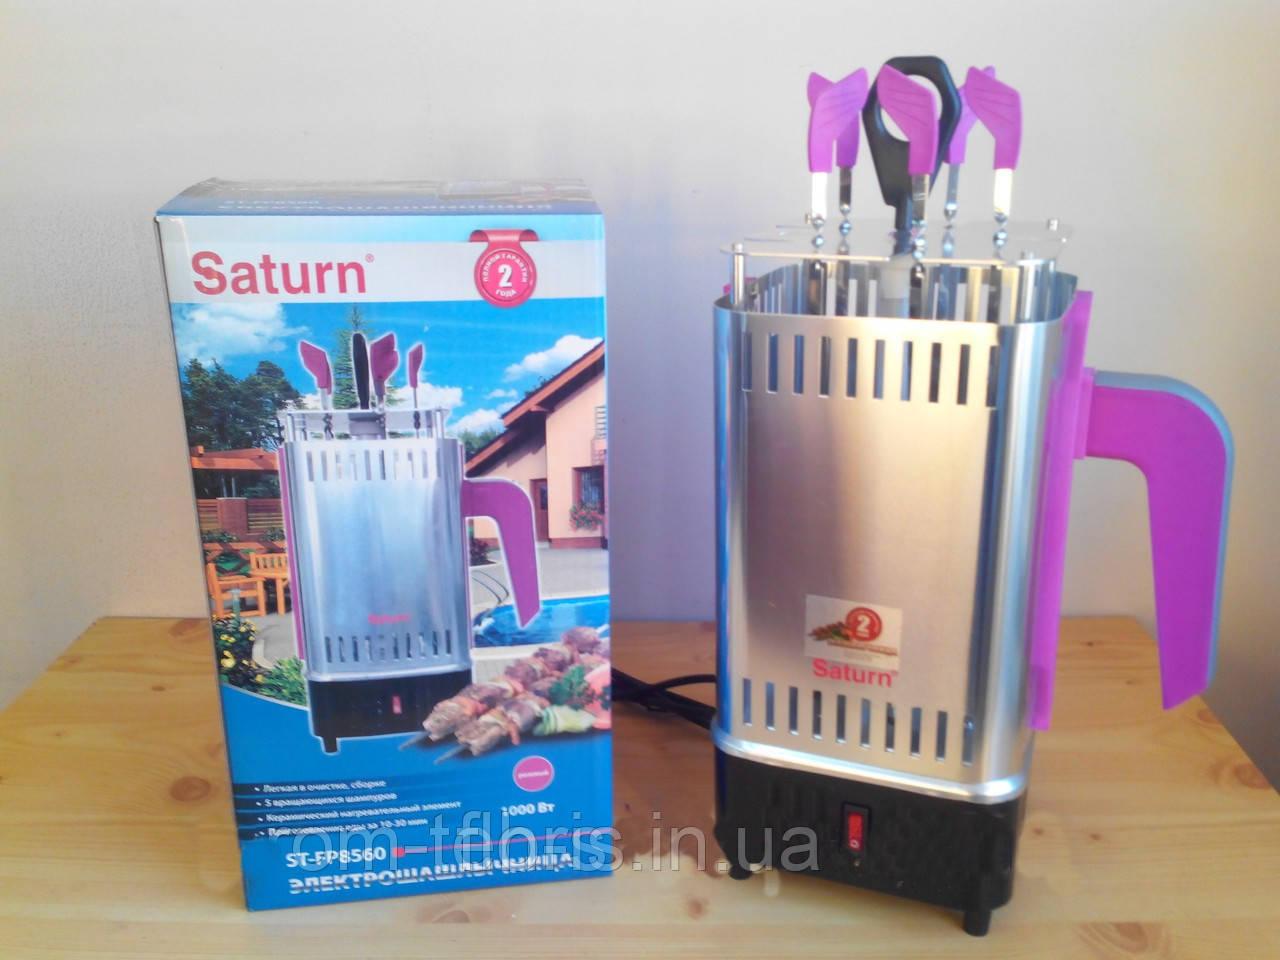 Электрошашлычница SATURN ST-FP8560